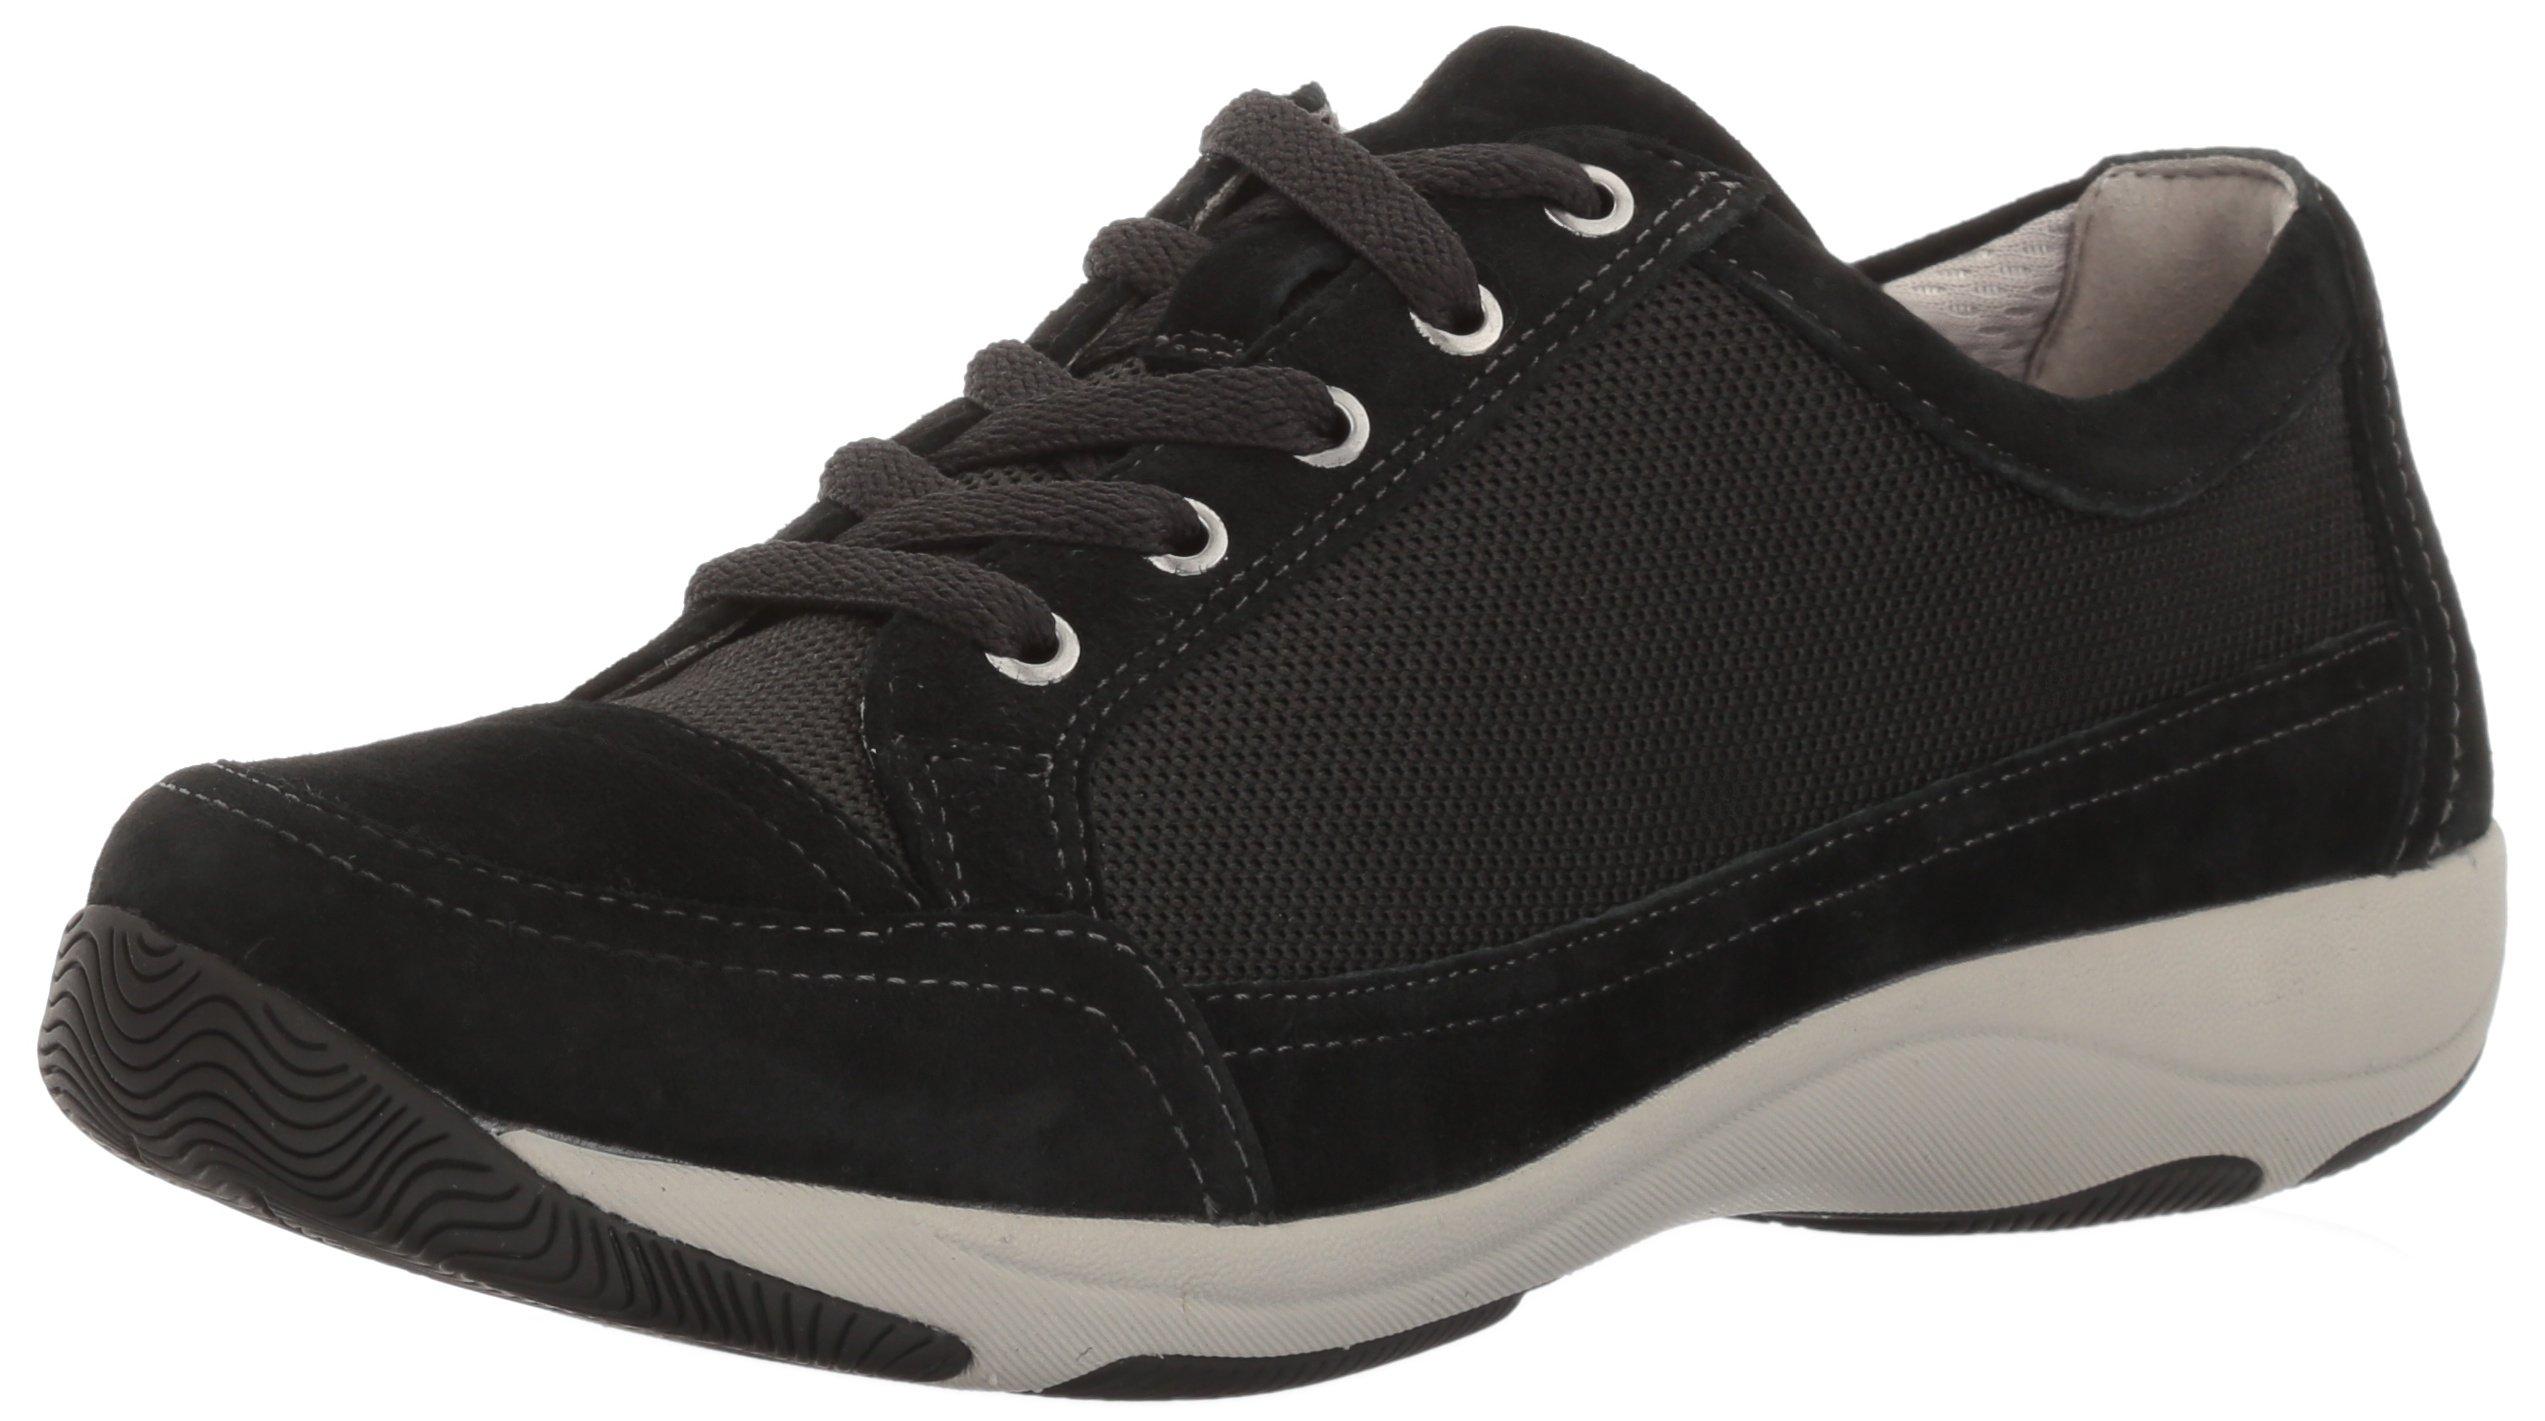 Dansko Women's Harmony Fashion Sneaker, Black Suede, 41 EU/10.5-11 M US